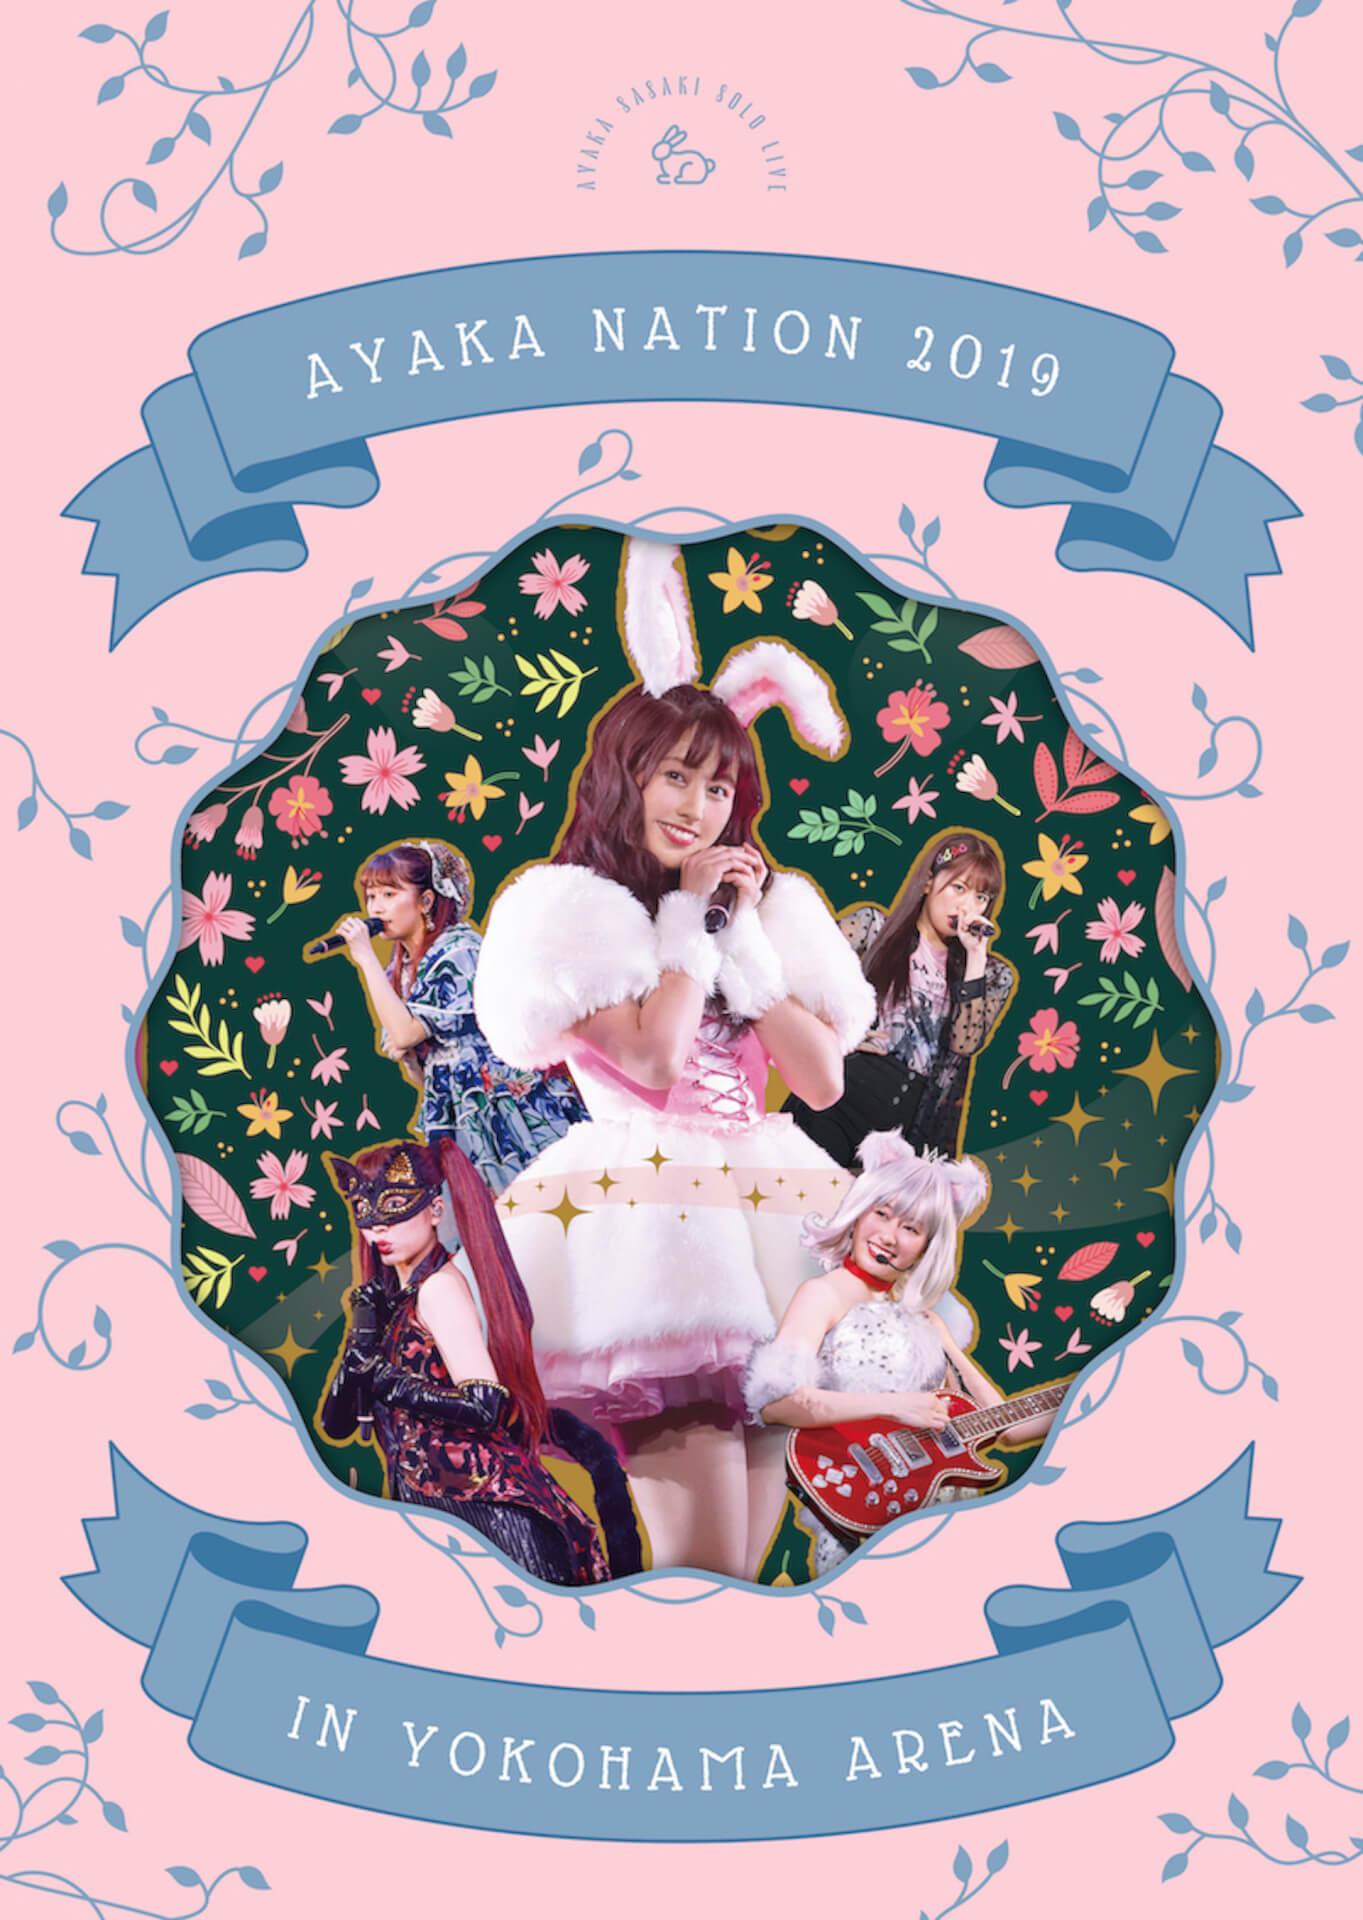 """ももクロ""""あーりん×ハードロックカフェ""""コラボが再度実現!『AYAKA NATION 2019』BD&DVD発売記念フェア開催決定 art191202_momokuro_1"""